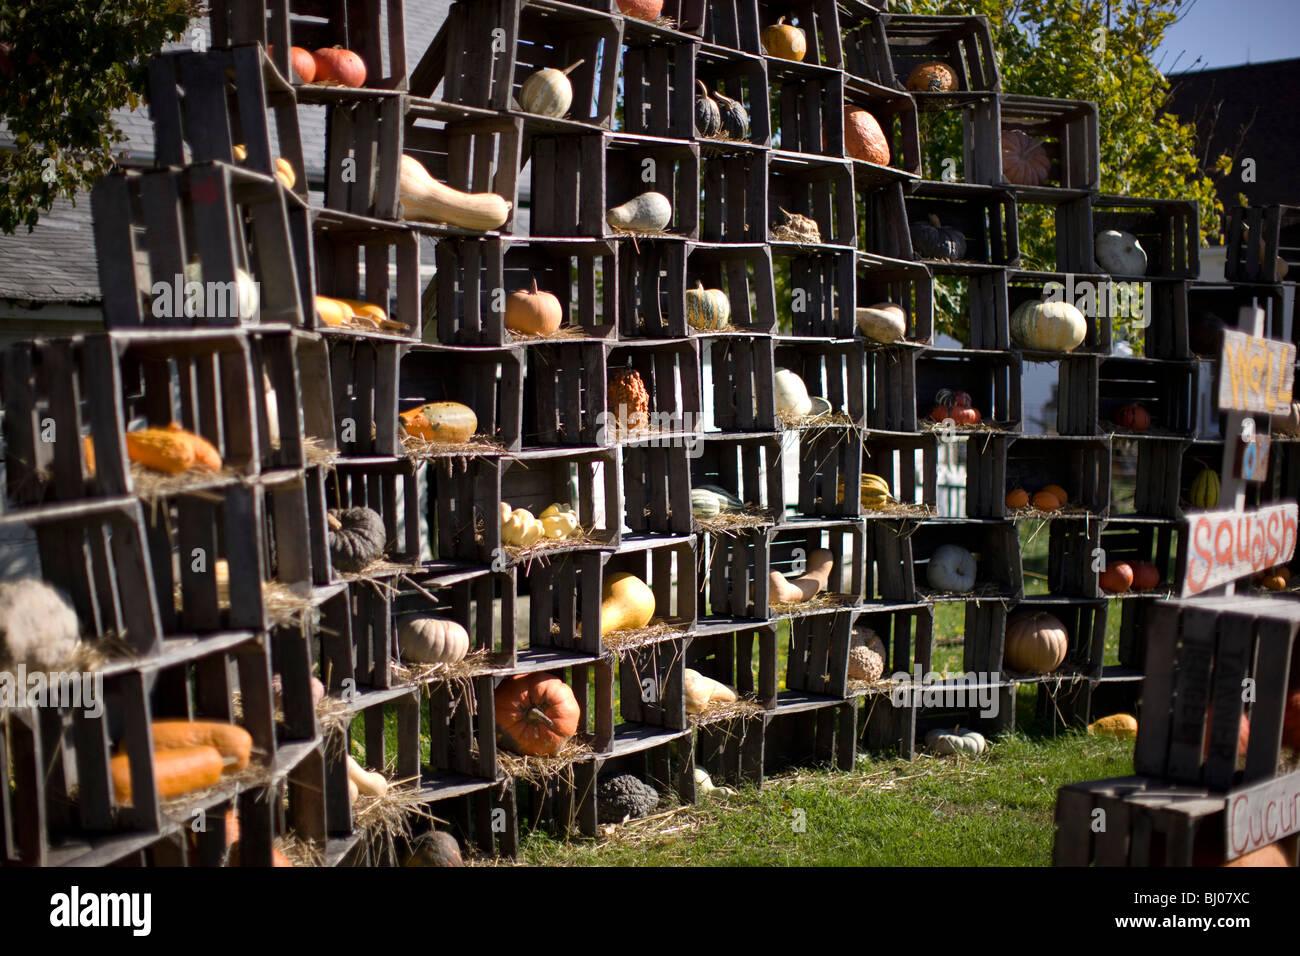 Kürbis für den Verkauf in Holzkisten angezeigt. Stockbild